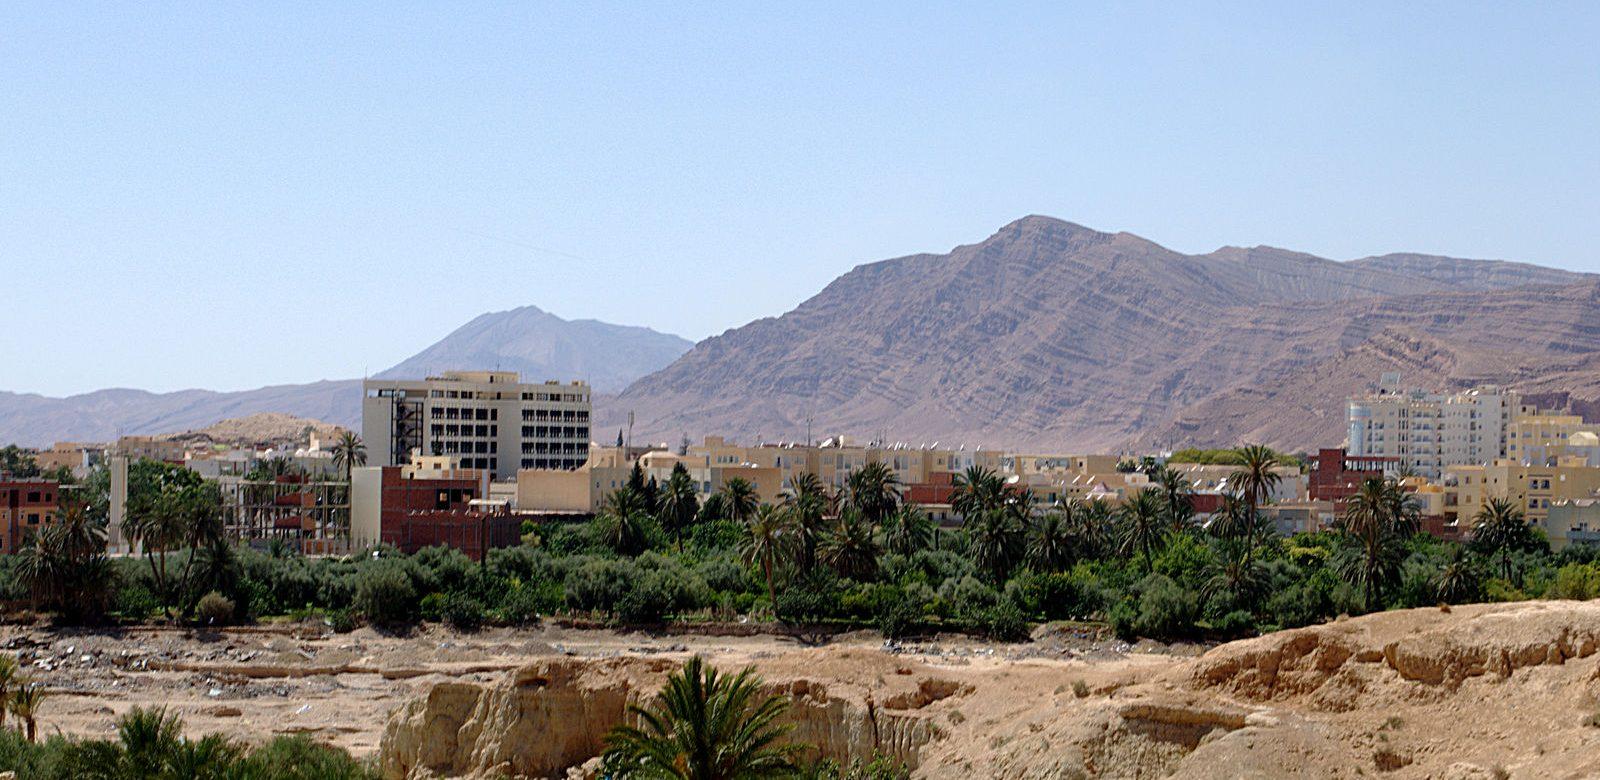 Tunisie : Pour la première fois, le pays va importer 40 000 tonnes de phosphate d'Algérie